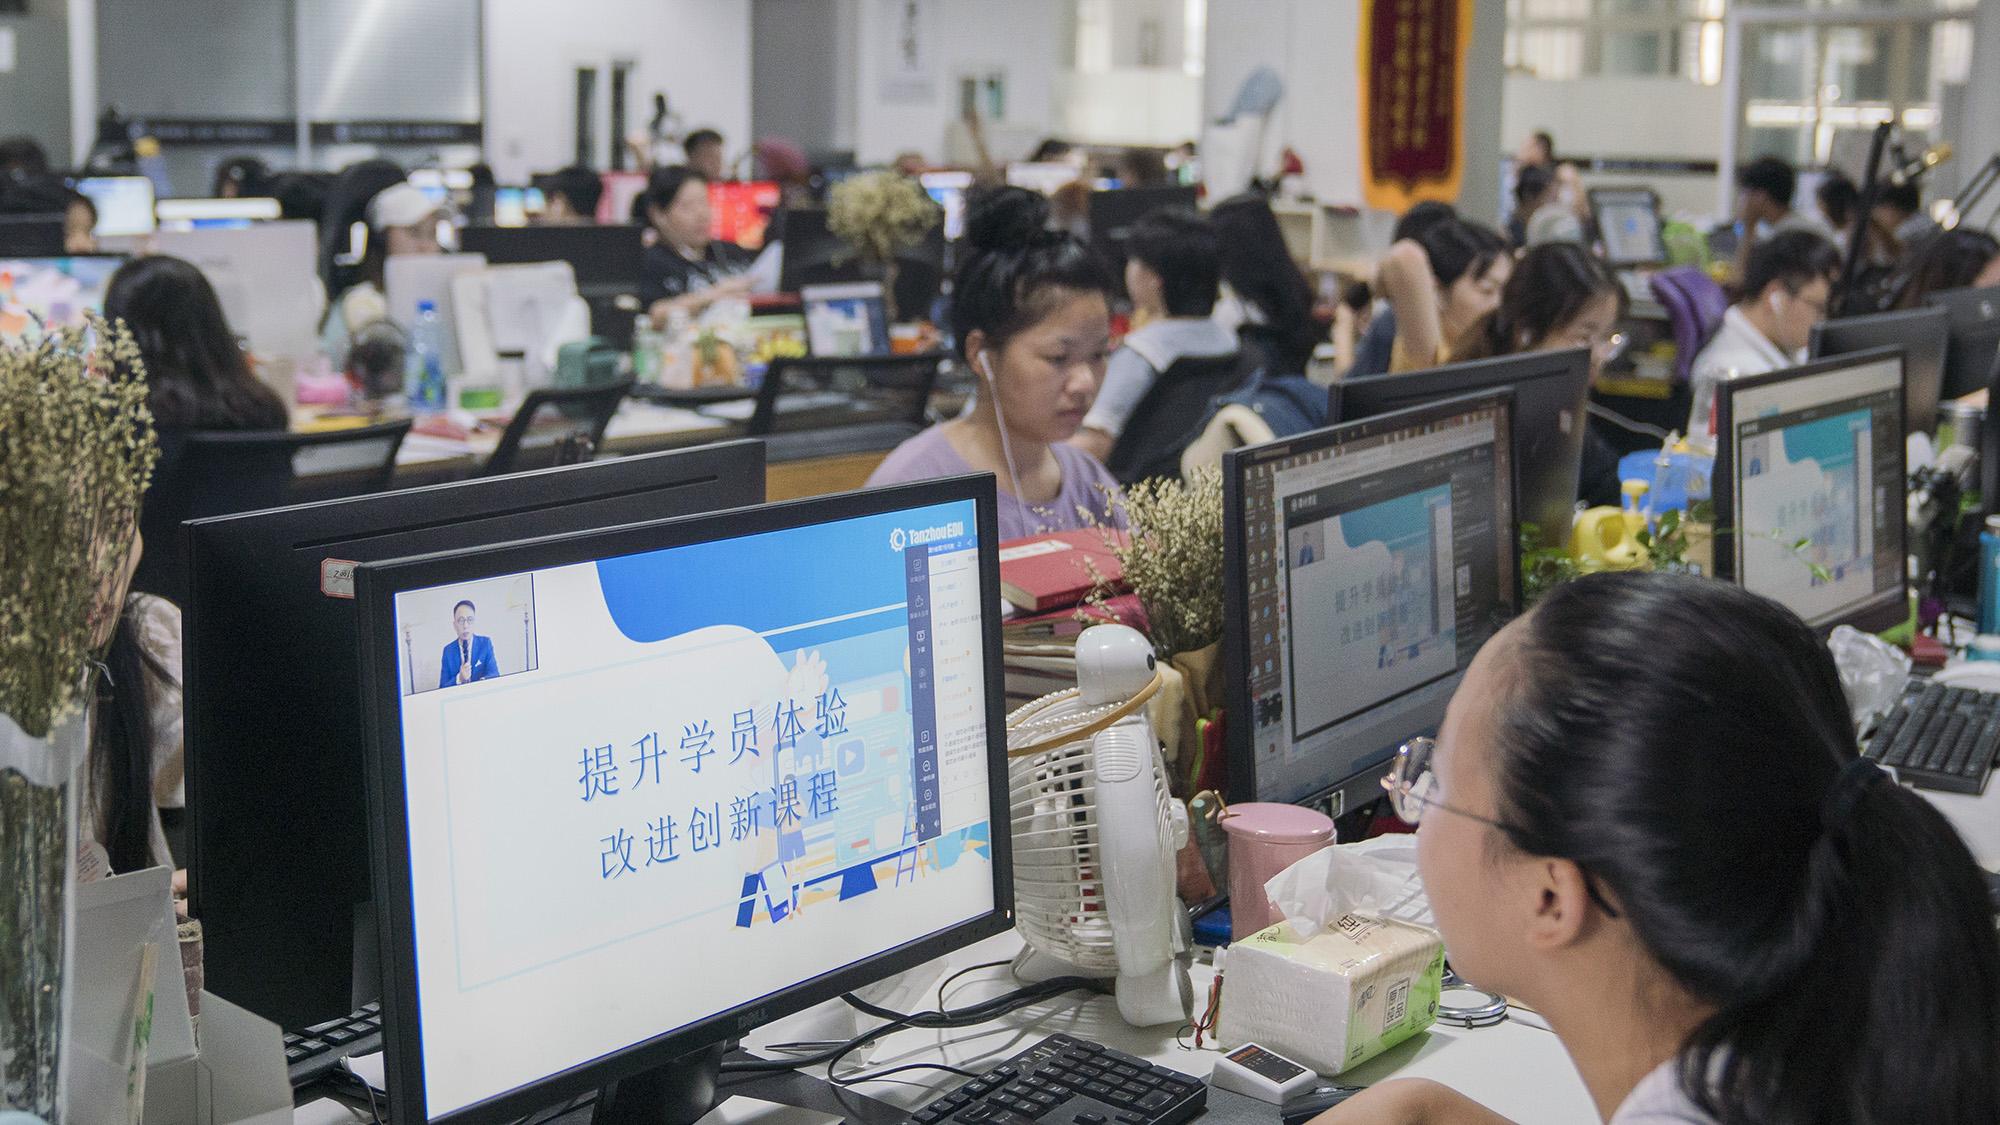 潭州教育教职工通过在线直播参与七月月度会议